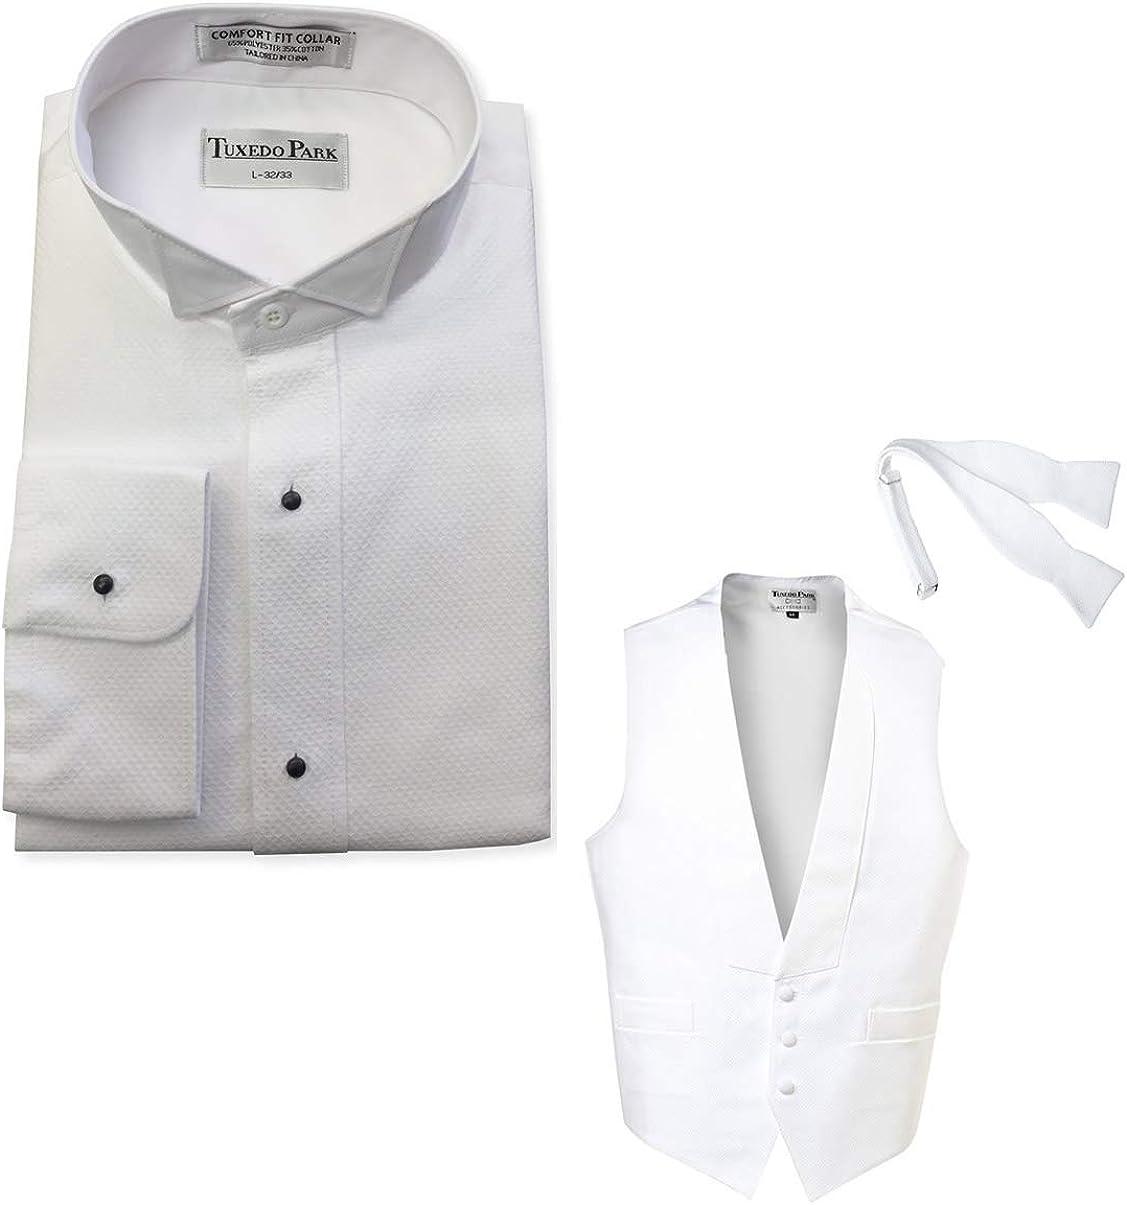 EZ Tuxedo White Pique Package - Pique Wing Shirt, Pique Vest and Self Tie Bow Tie